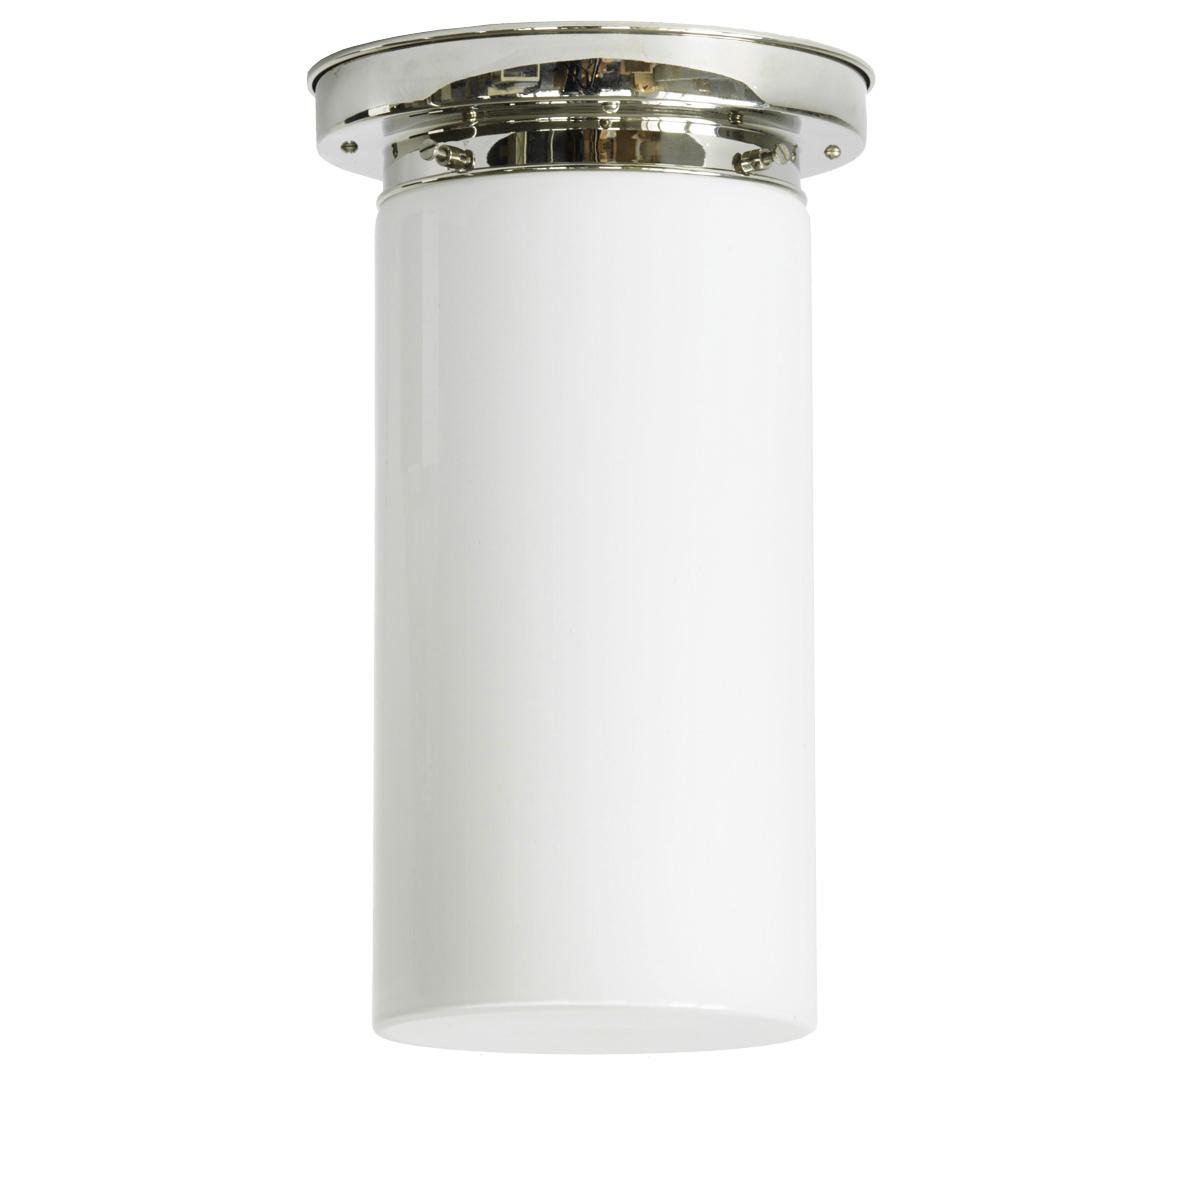 Lange tuben deckenleuchte mit opalglas 16 21 cm casa lumi for Lange deckenleuchte